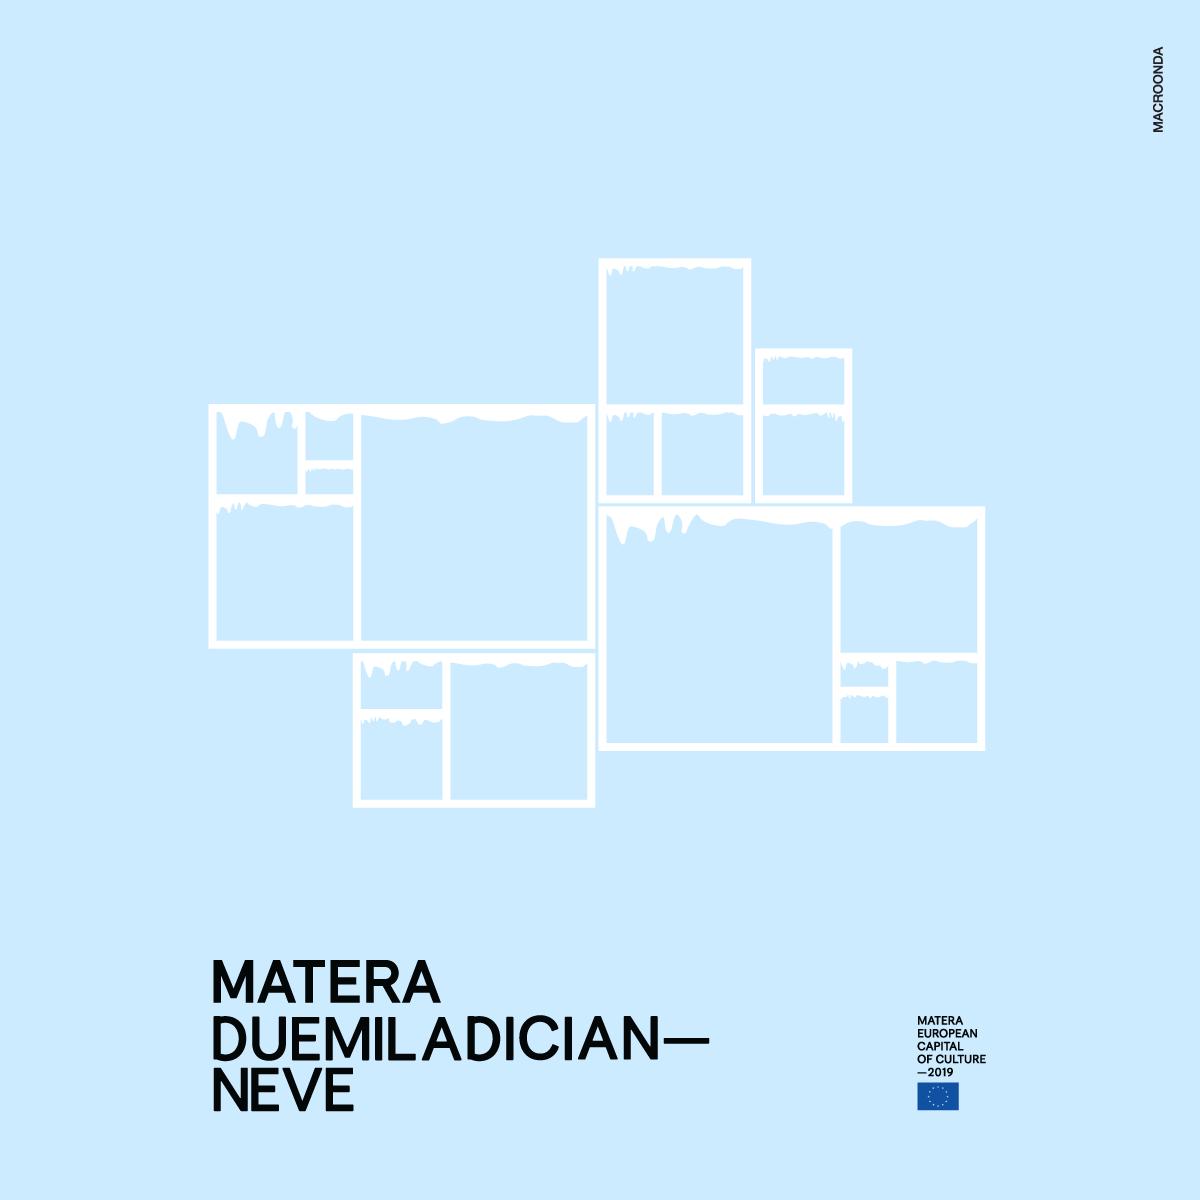 matera-2019--duemiladician-neve-MACROONDA